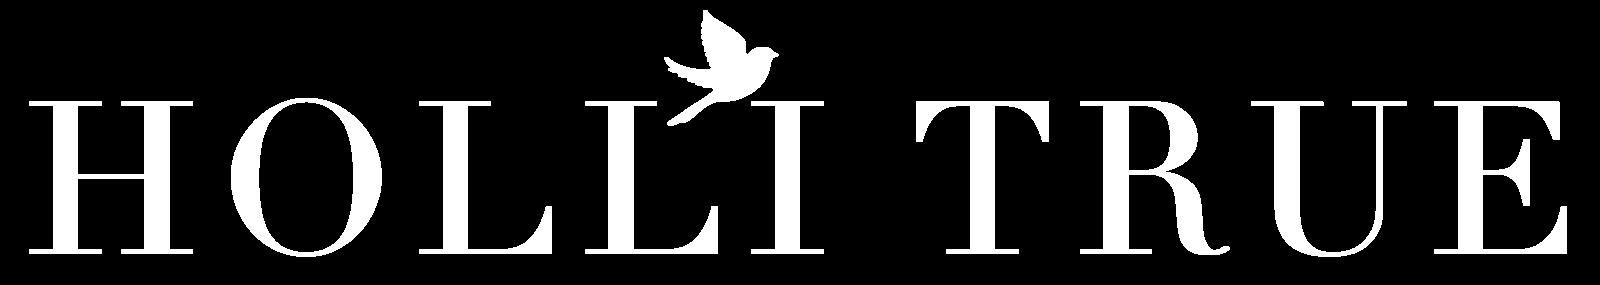 2016-logo-white